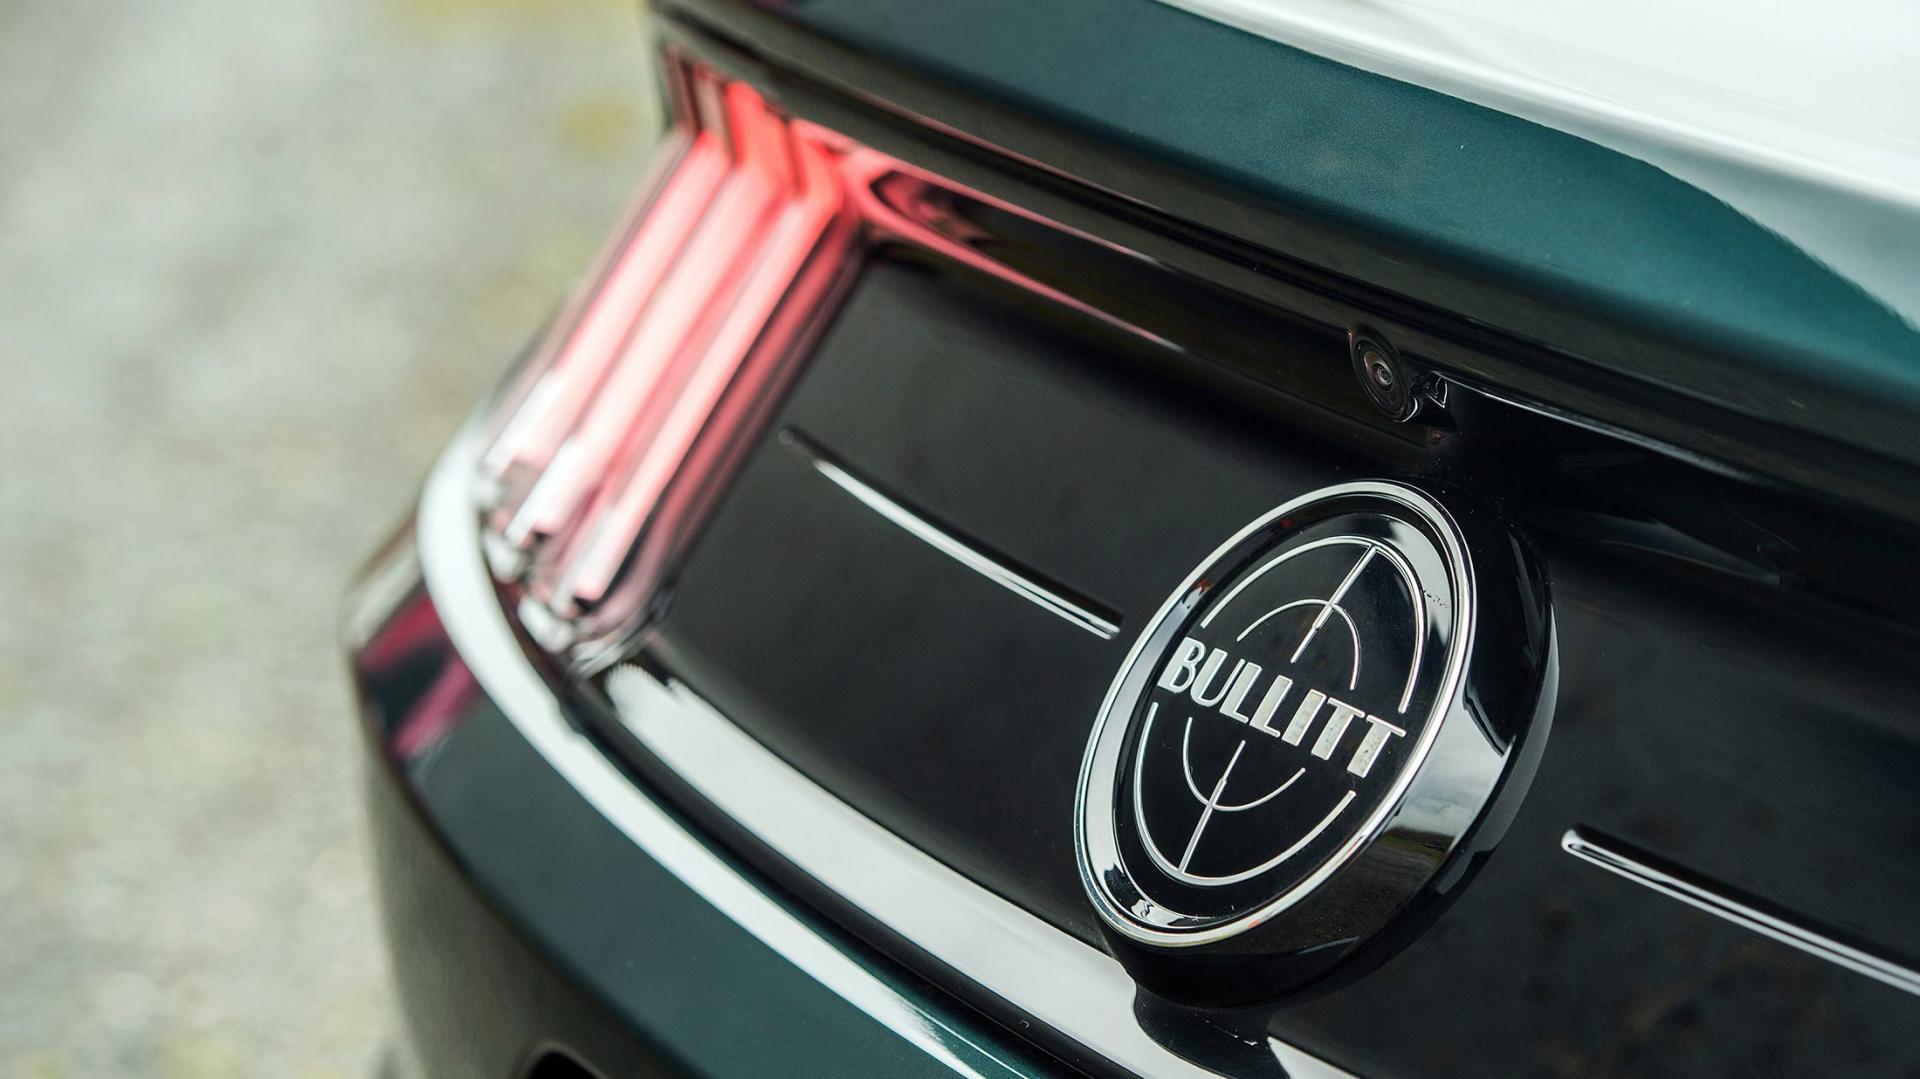 Ford Mustang Bullitt badge